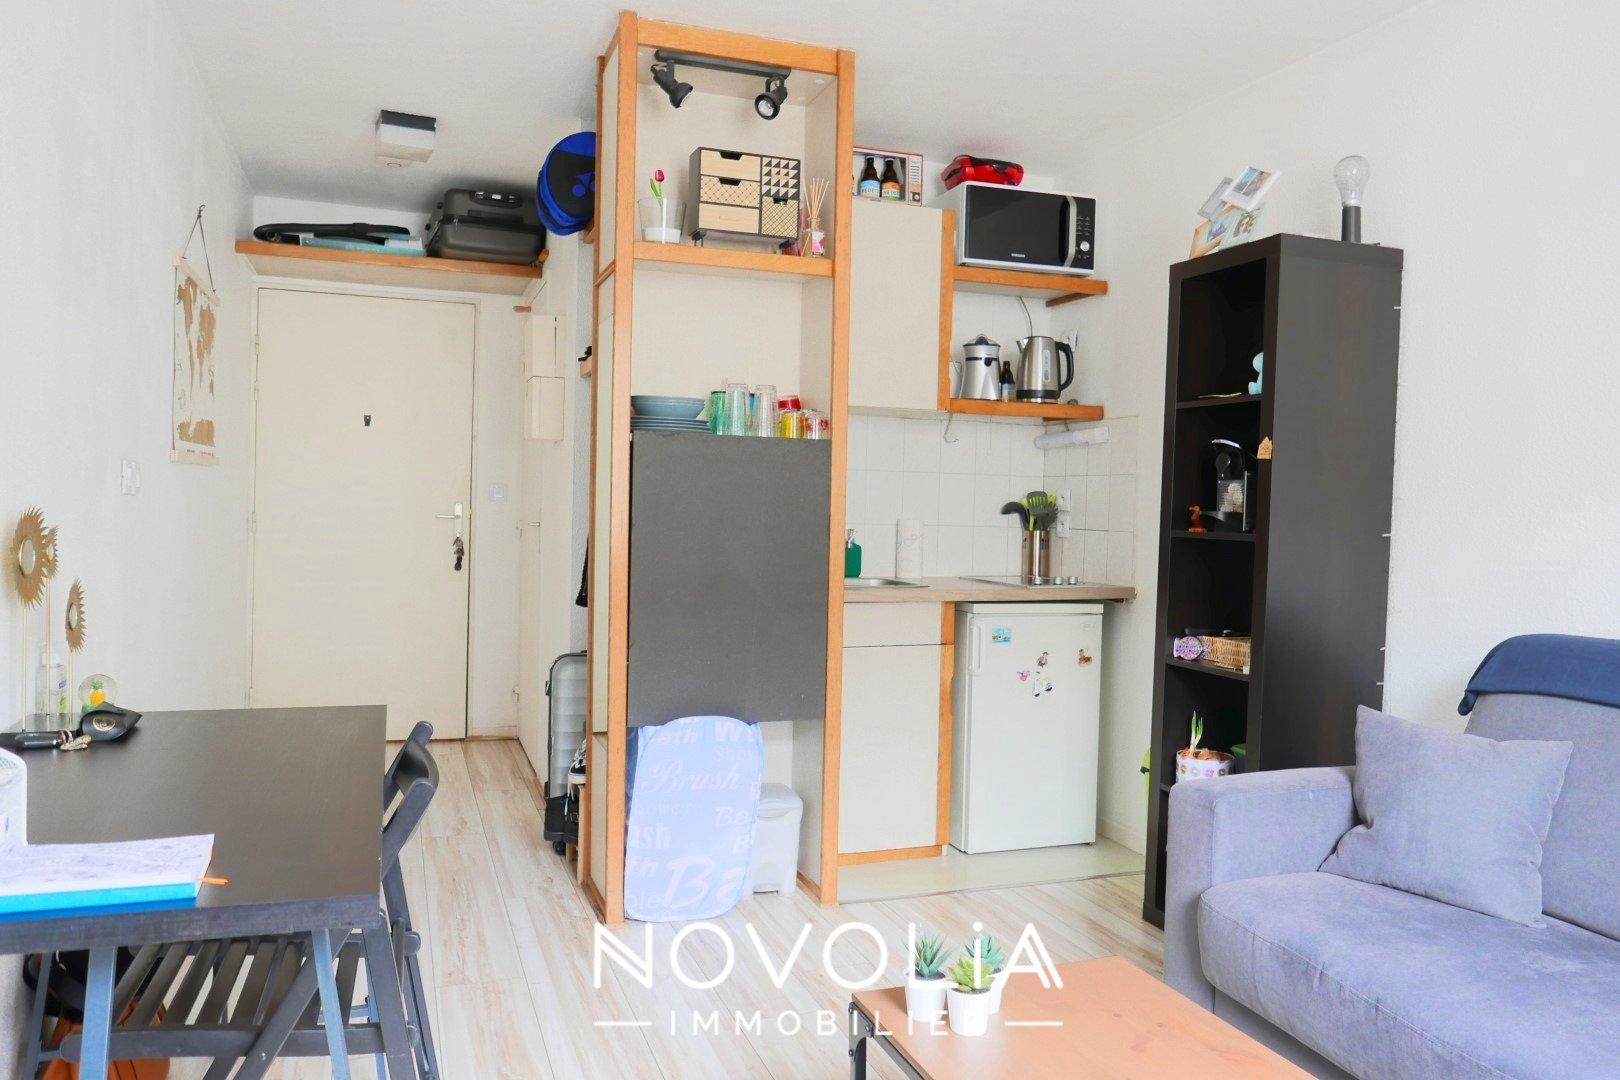 Achat Appartement, Surface de 18.26 m²/ Total carrez : 18 m², 1 pièce, Lyon 7ème (69007)